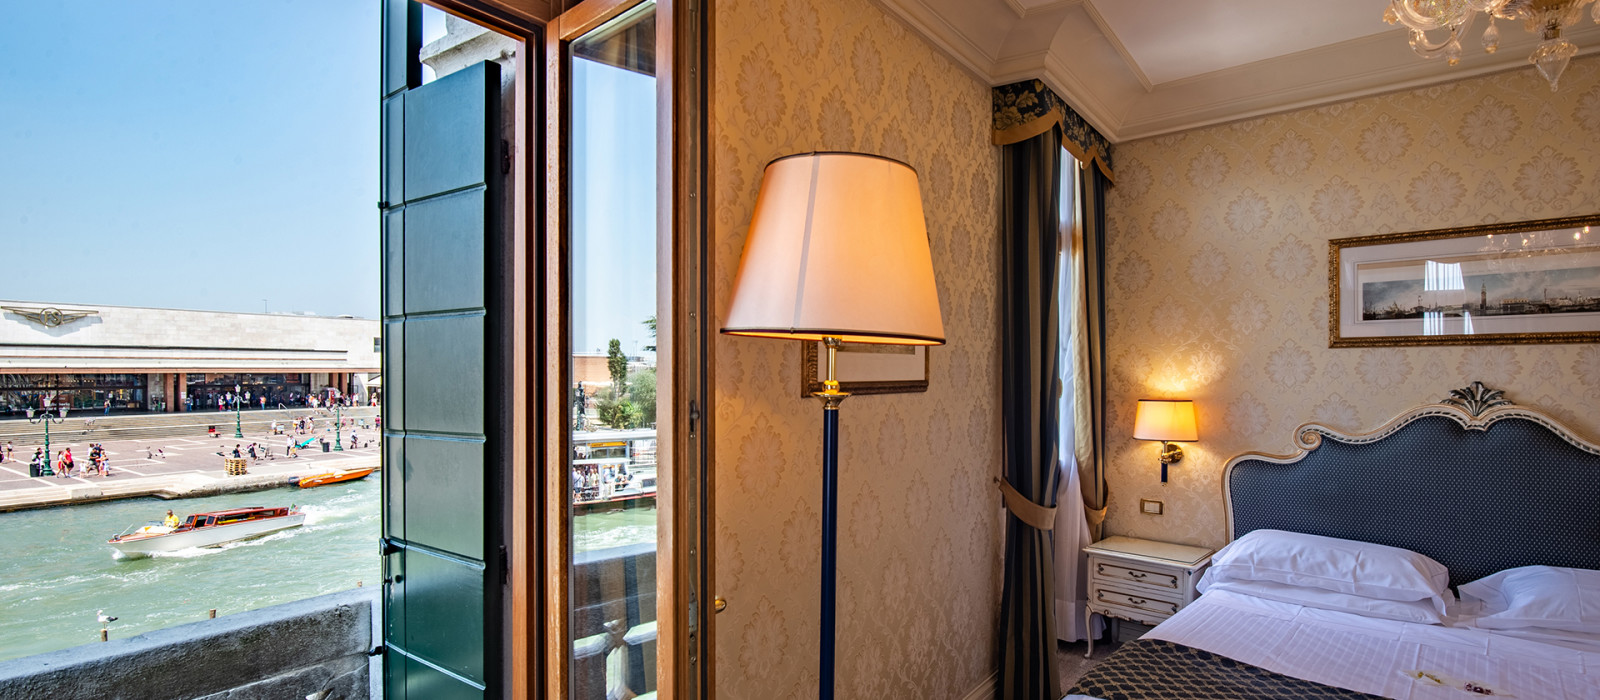 Hotel Antiche Figure  Italy